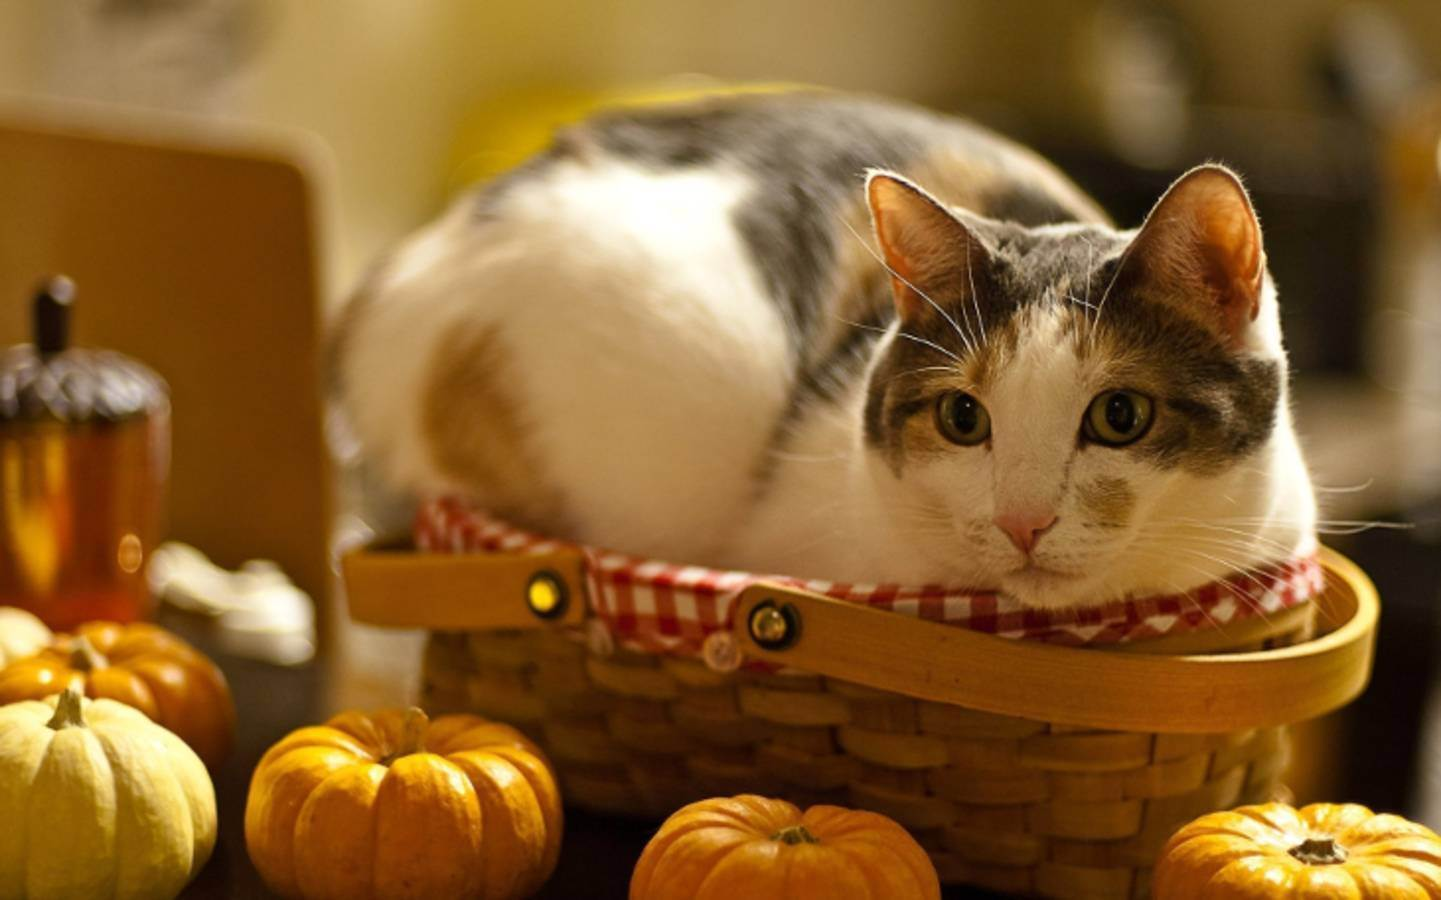 Почему кот любит оливки: возможные причины, можно ли давать, польза и вред для животного